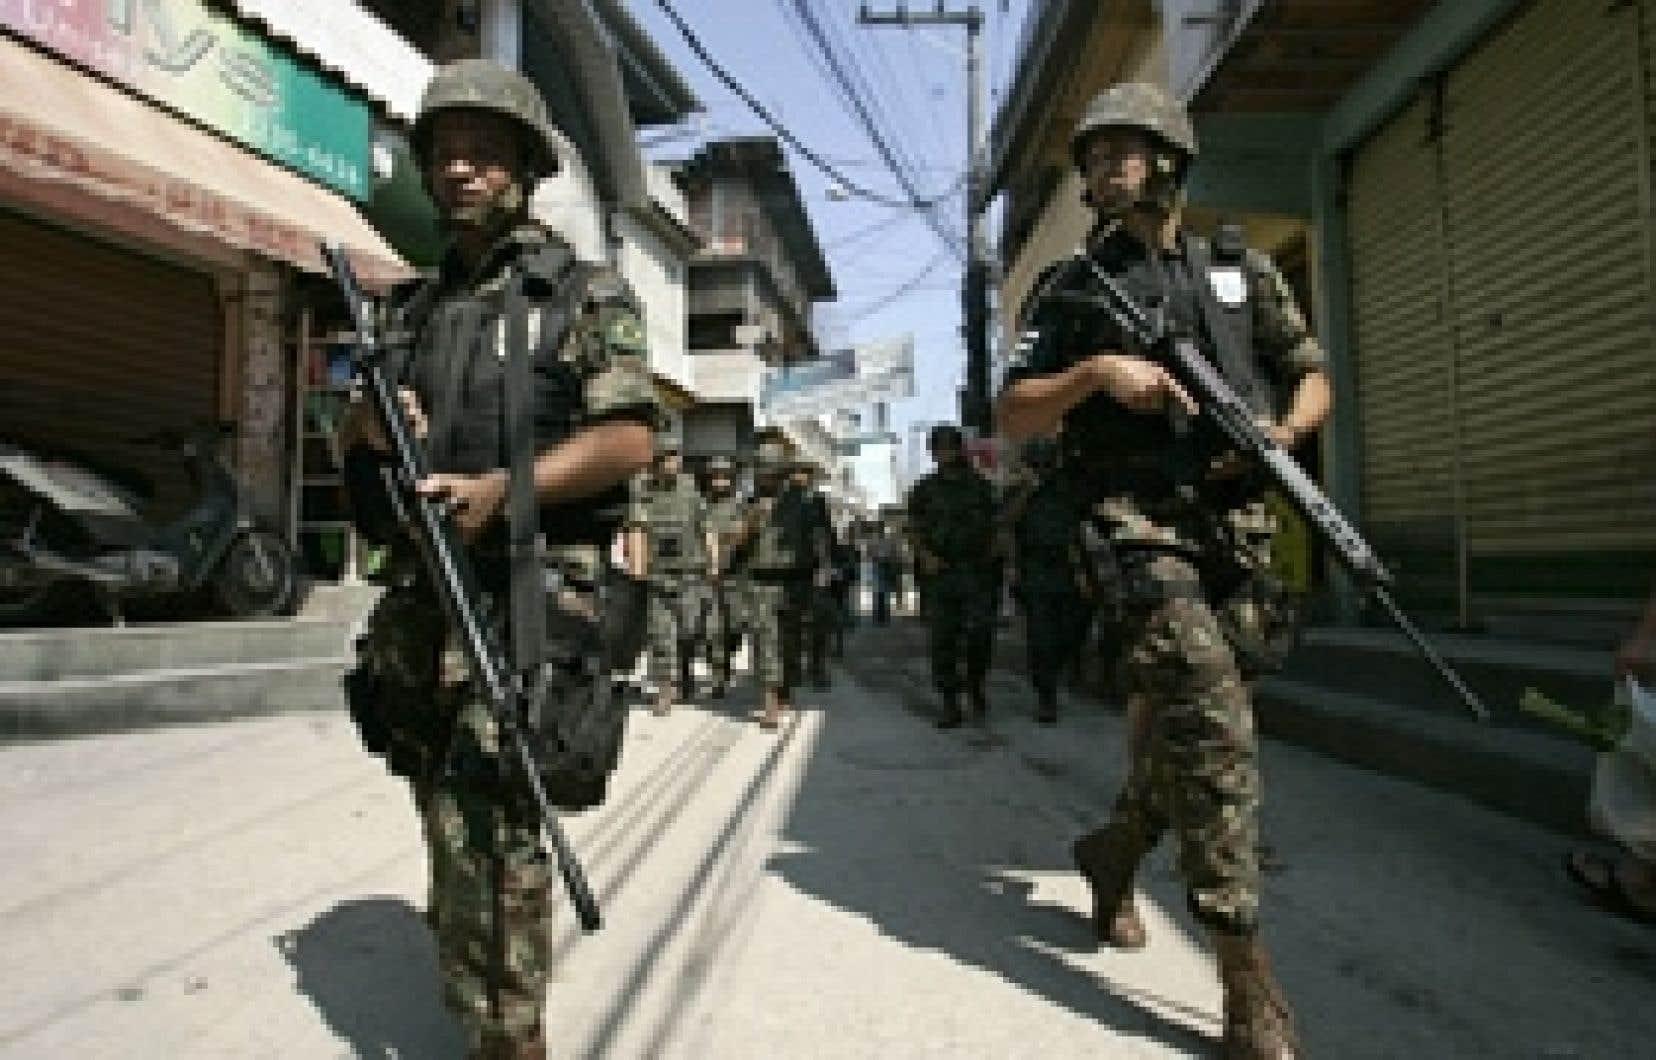 La démonstration de force du gouvernement réussira-t-elle à intimider les narcotrafiquants et les paramilitaires?